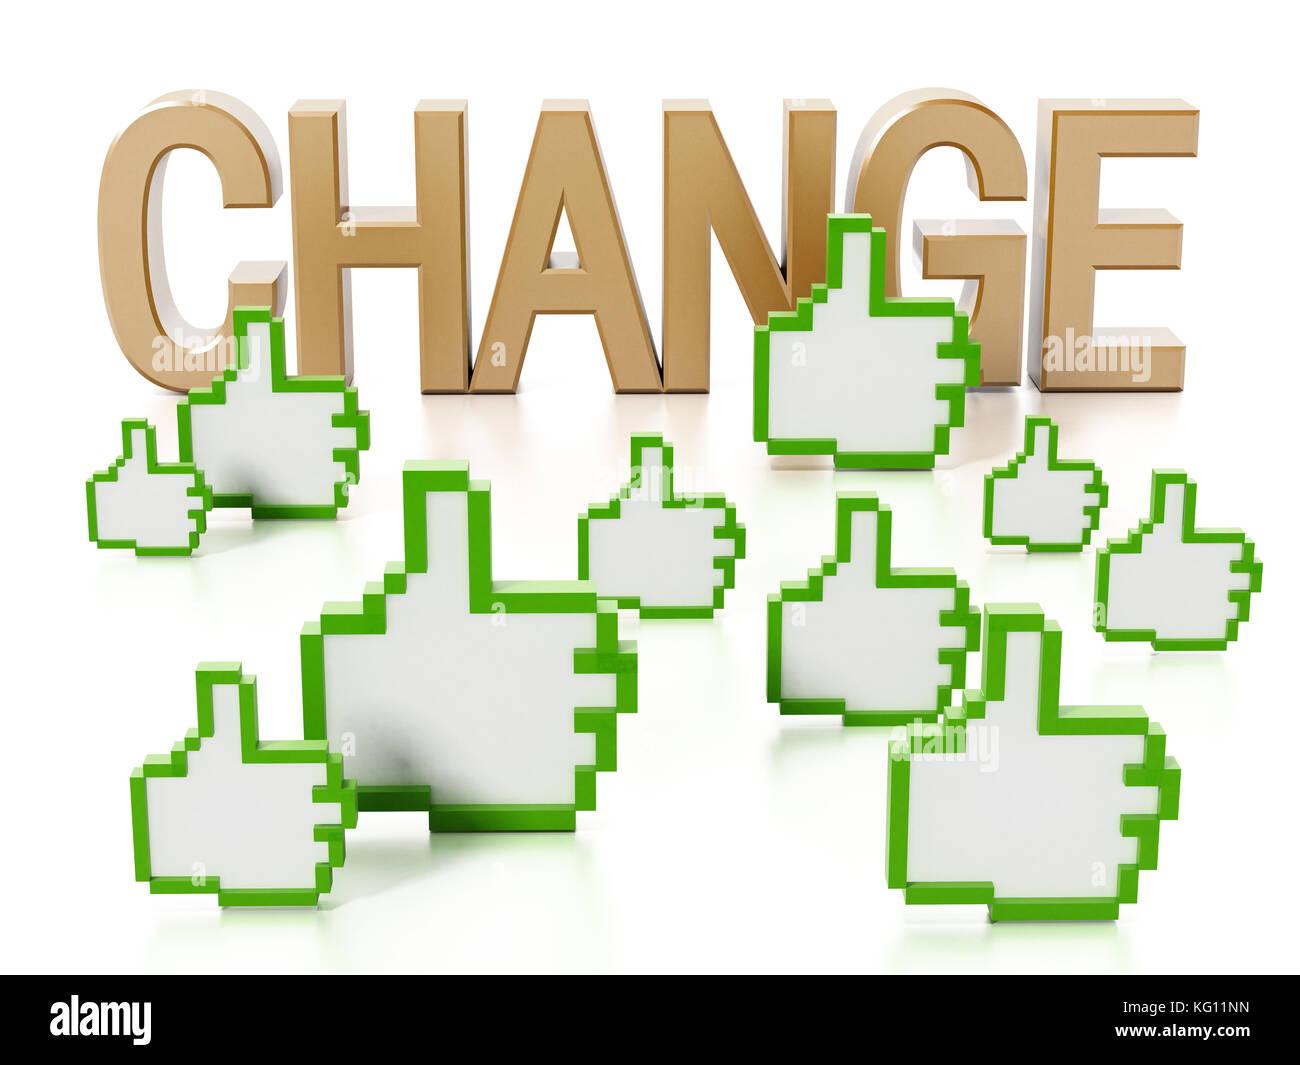 Thumbs up iconos y cambiar el texto. Ilustración 3d. Imagen De Stock